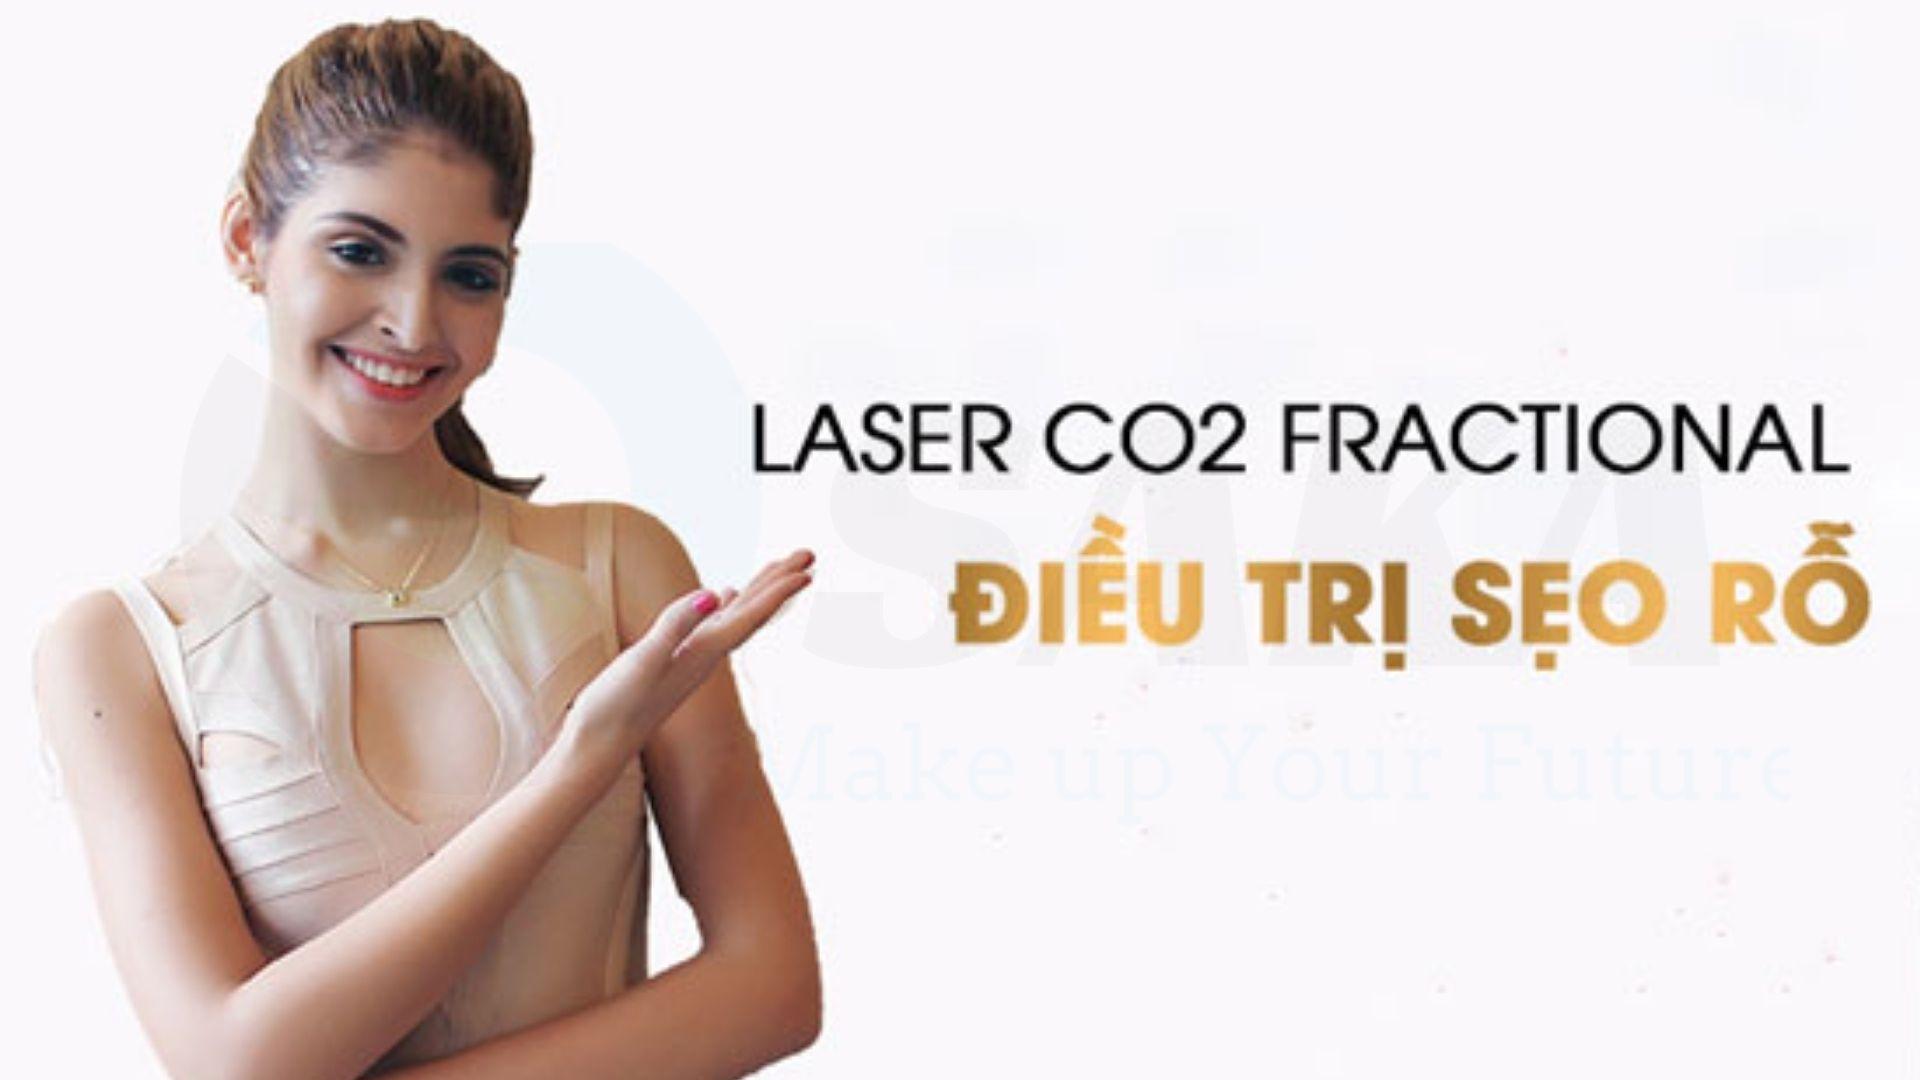 Ưu điểm phương pháp điều trị Laser Co2 Fractional